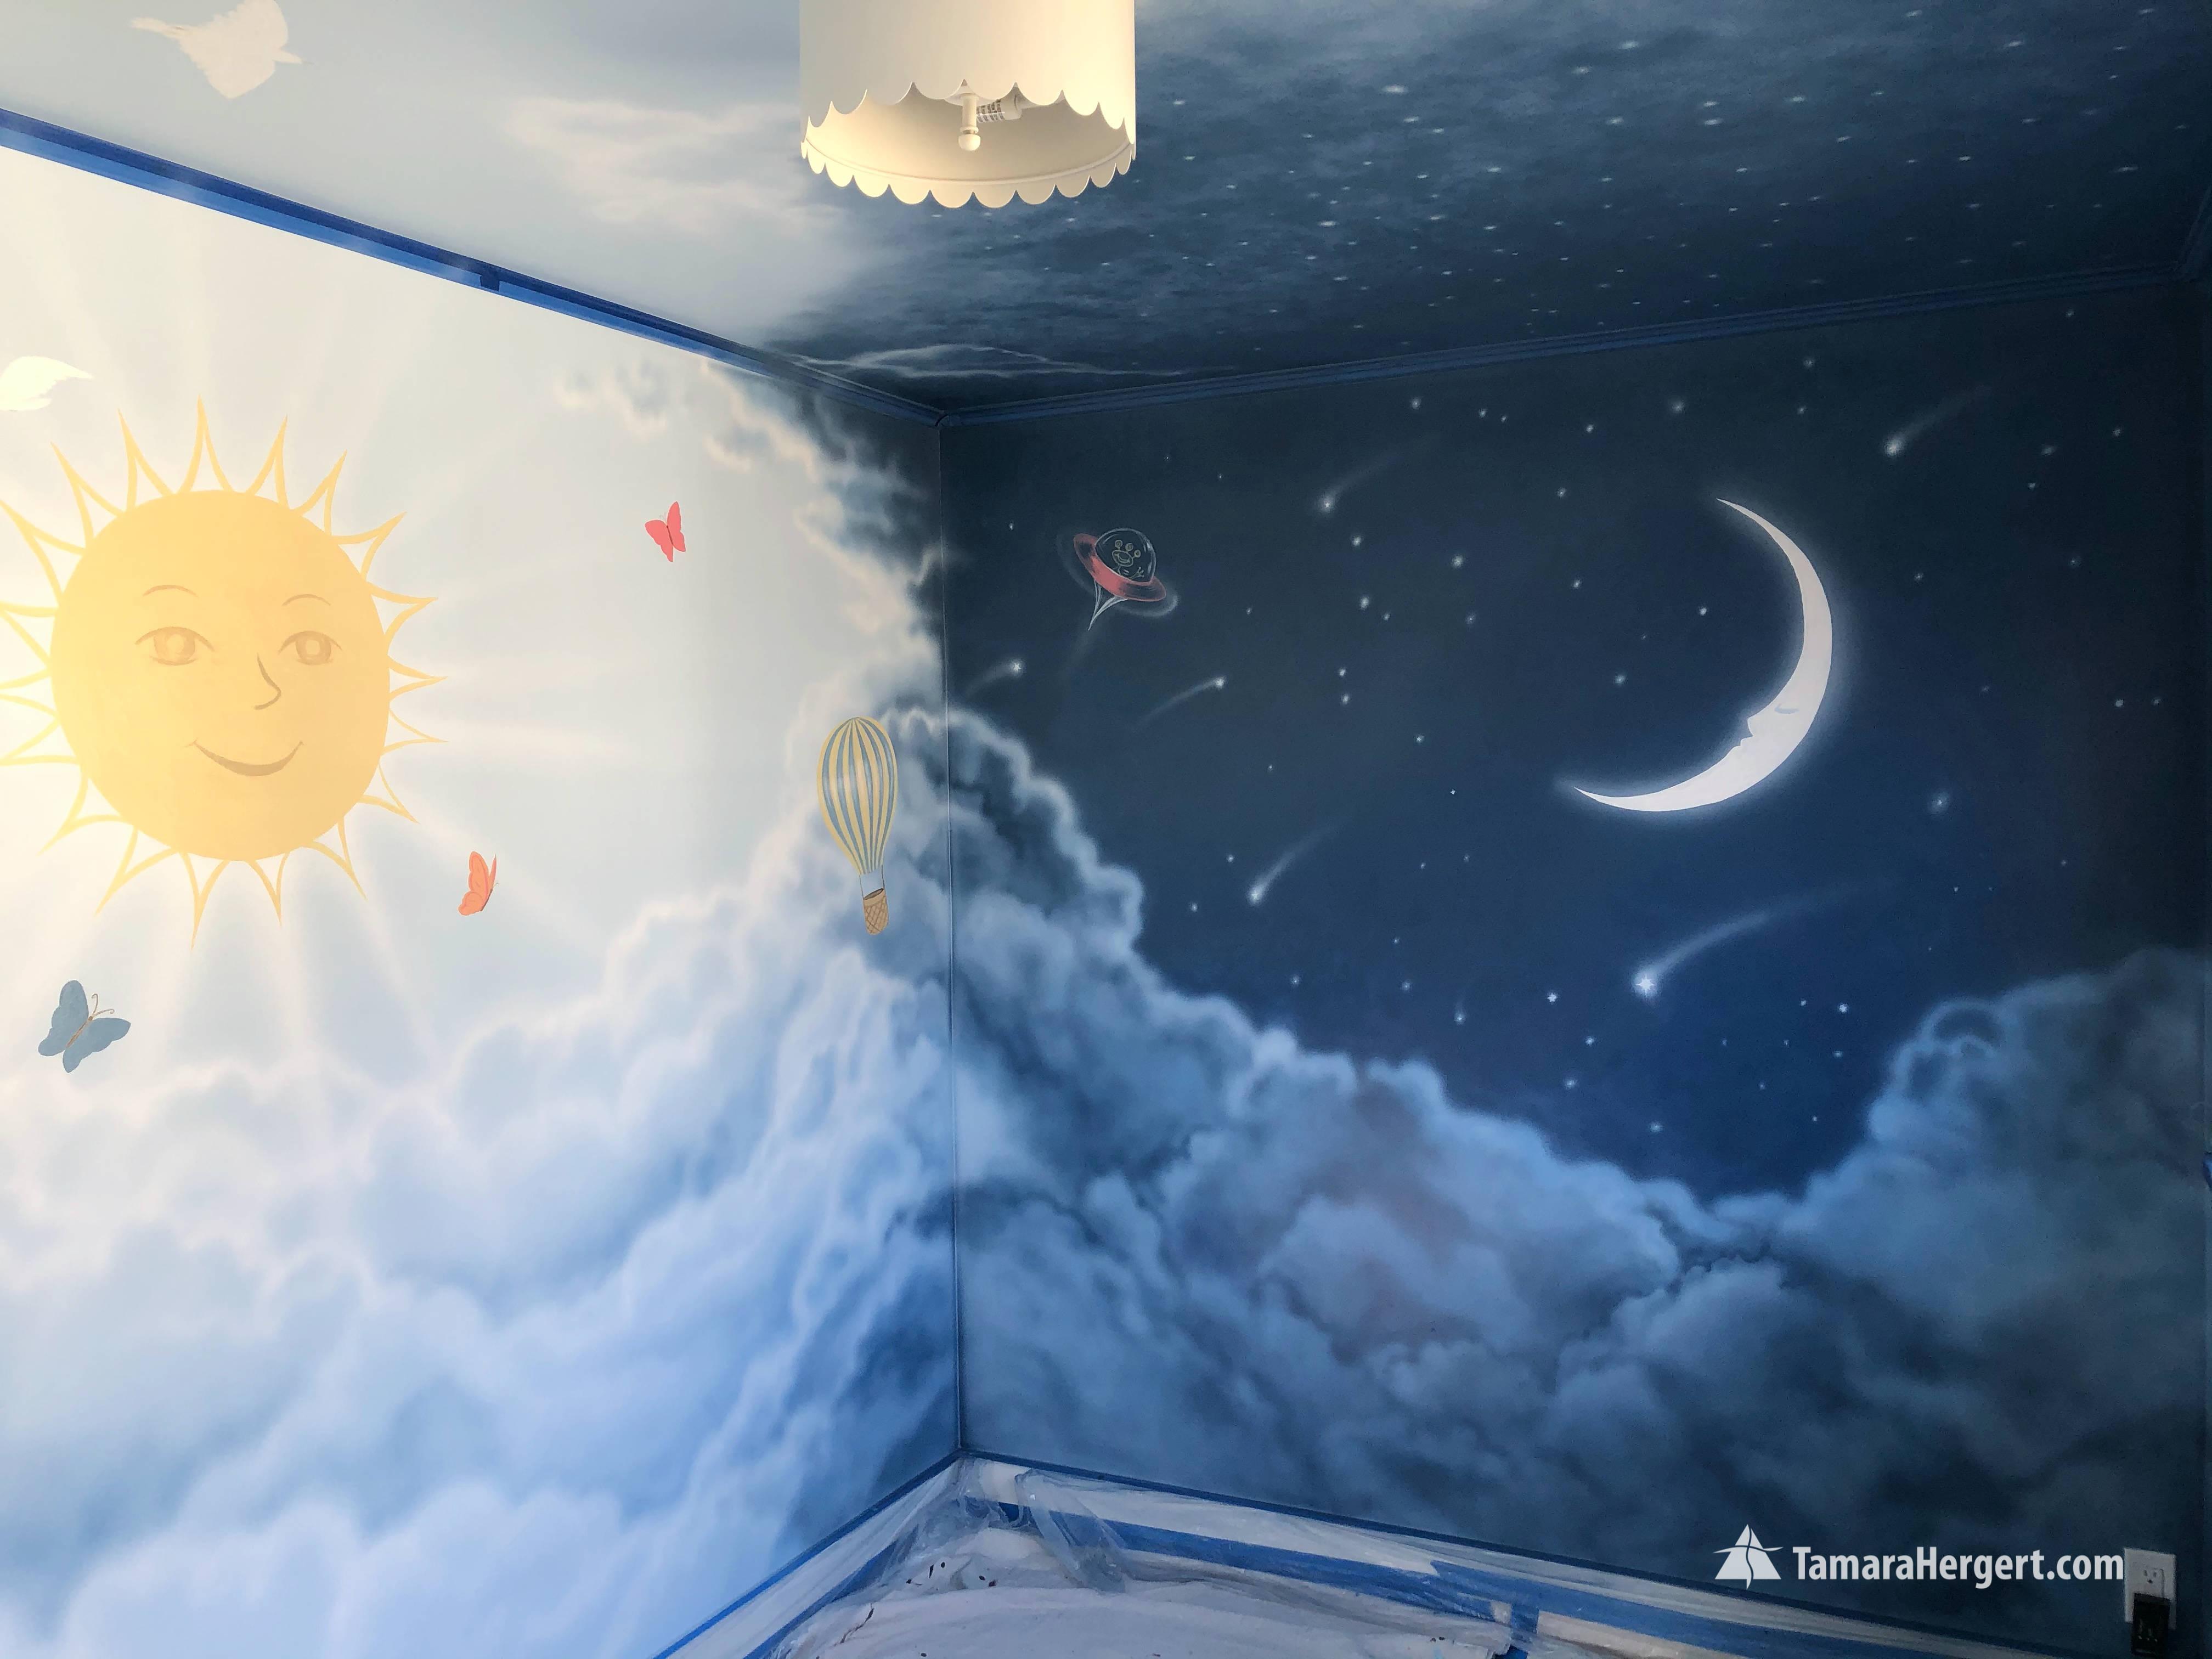 Night and Day mural by Tamara Hergert 9.